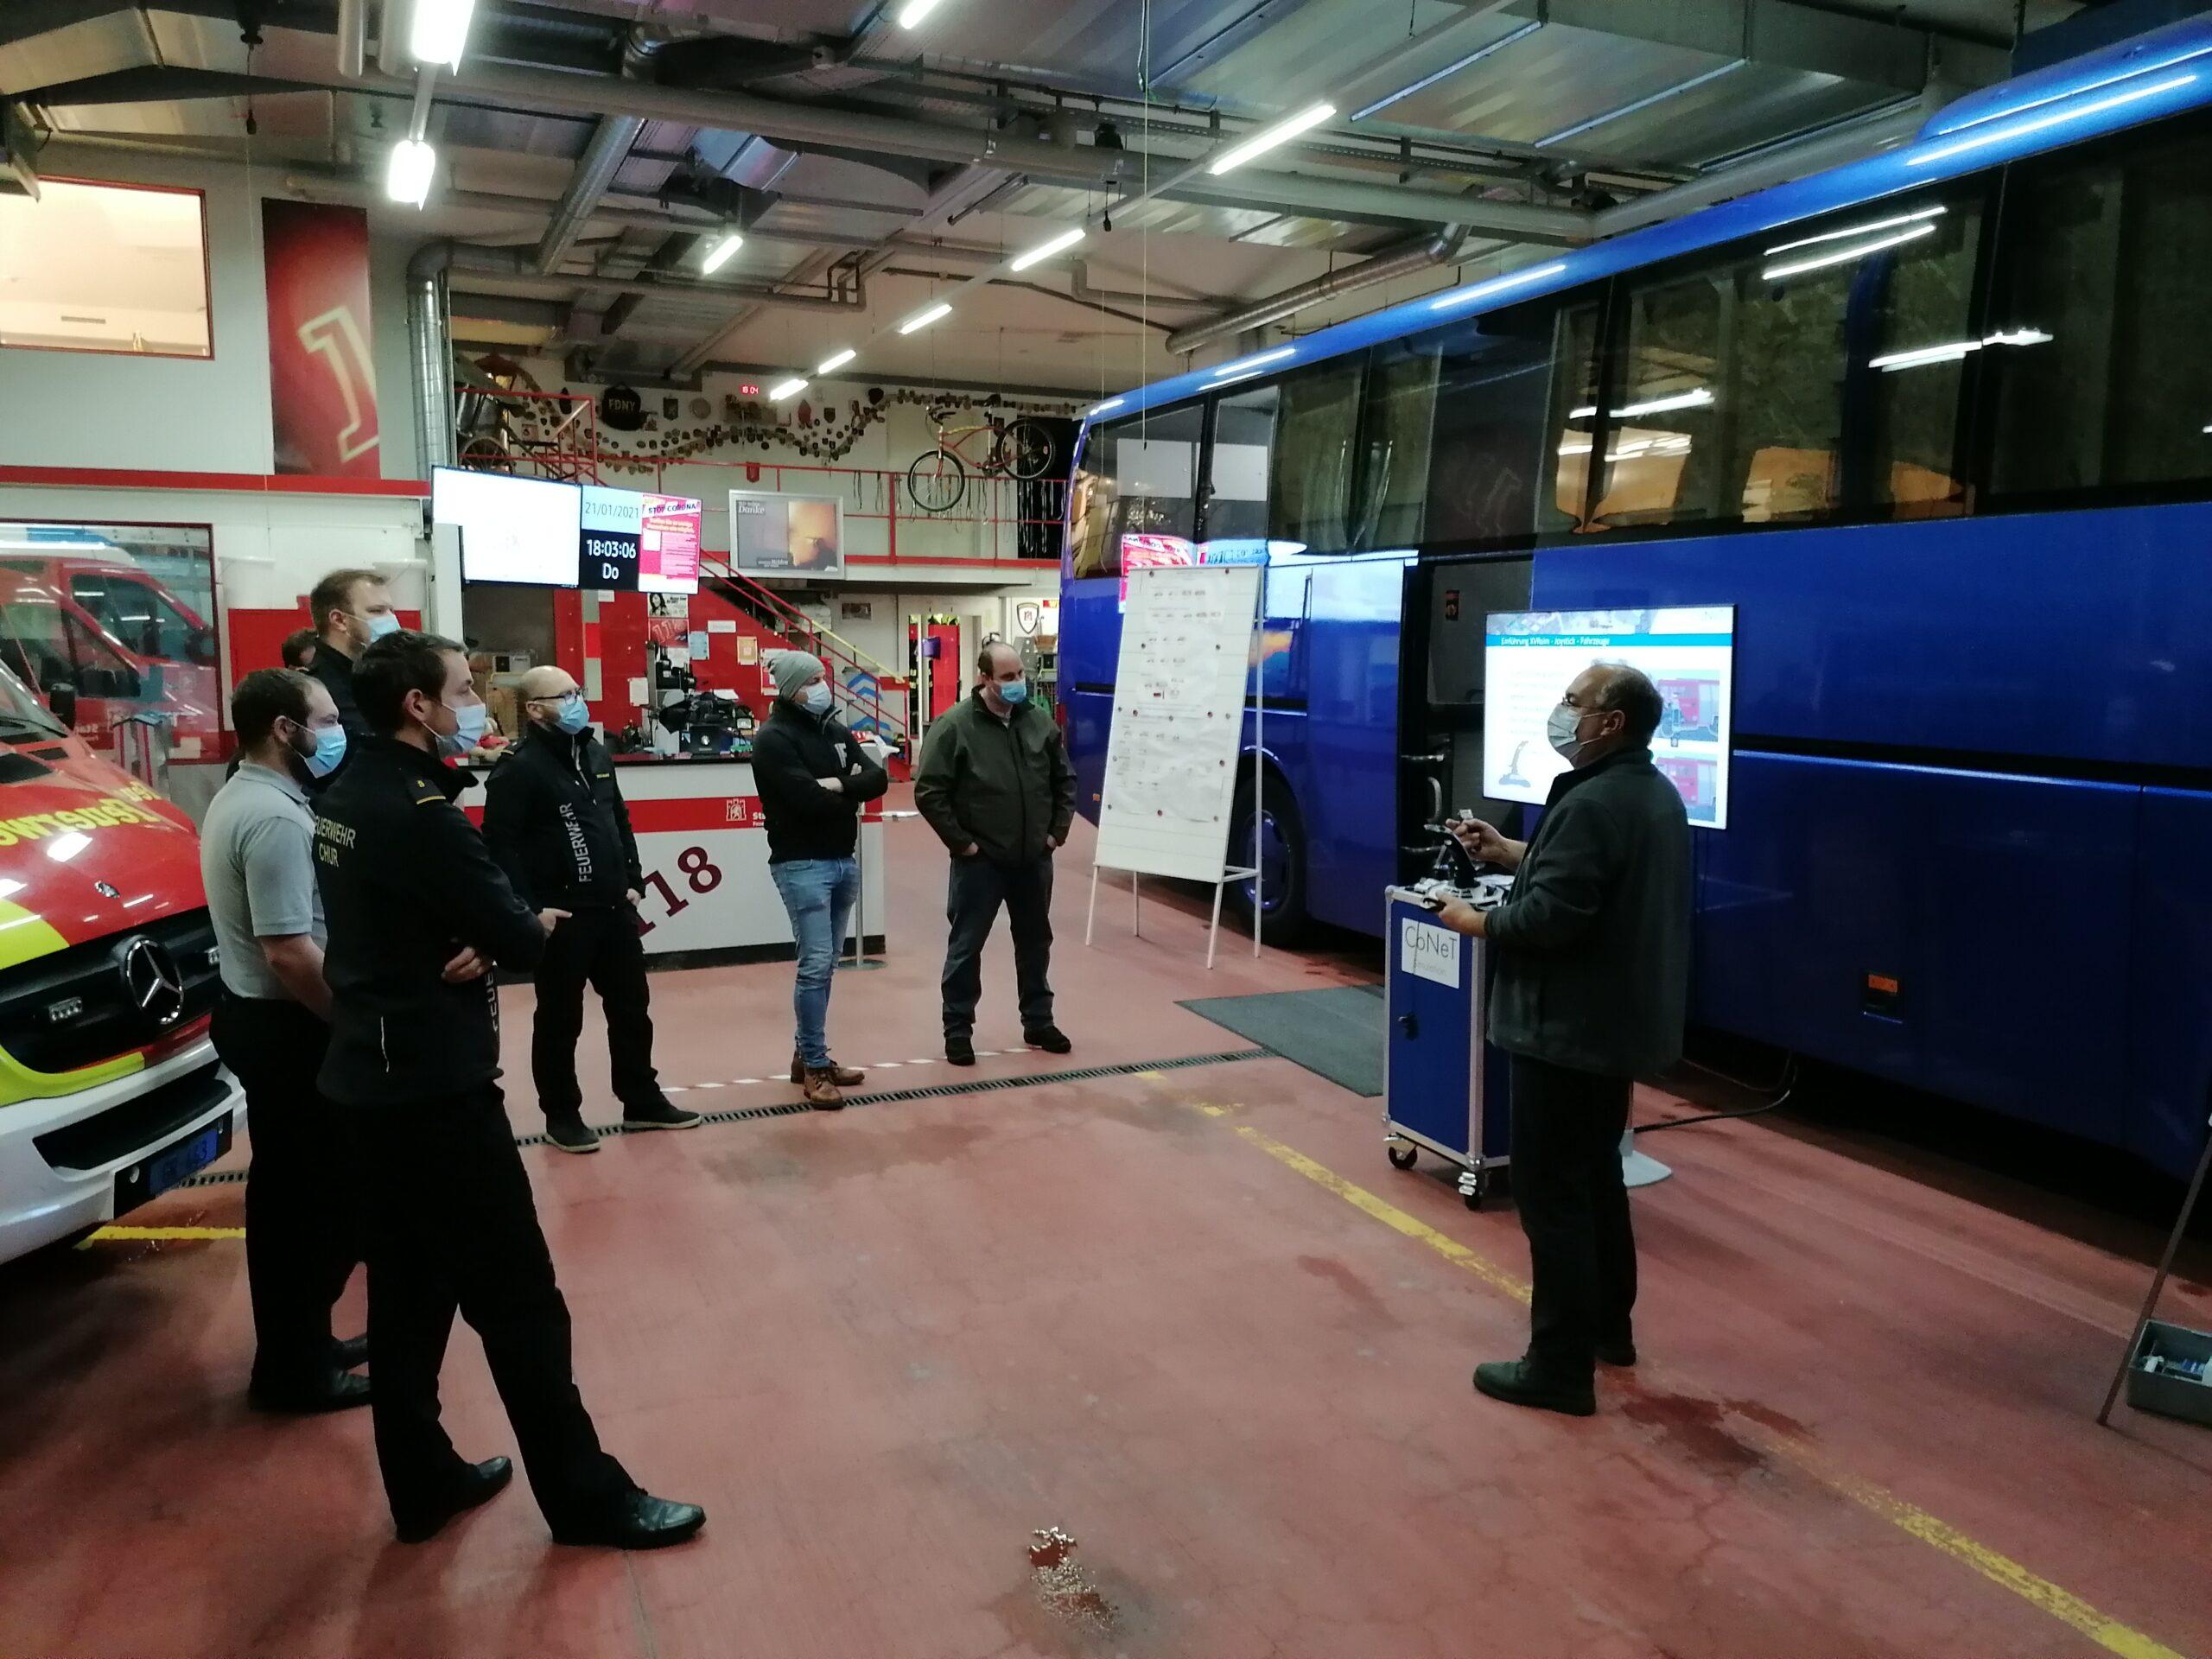 Erster Einsatz des neuen VR-Busses in Chur